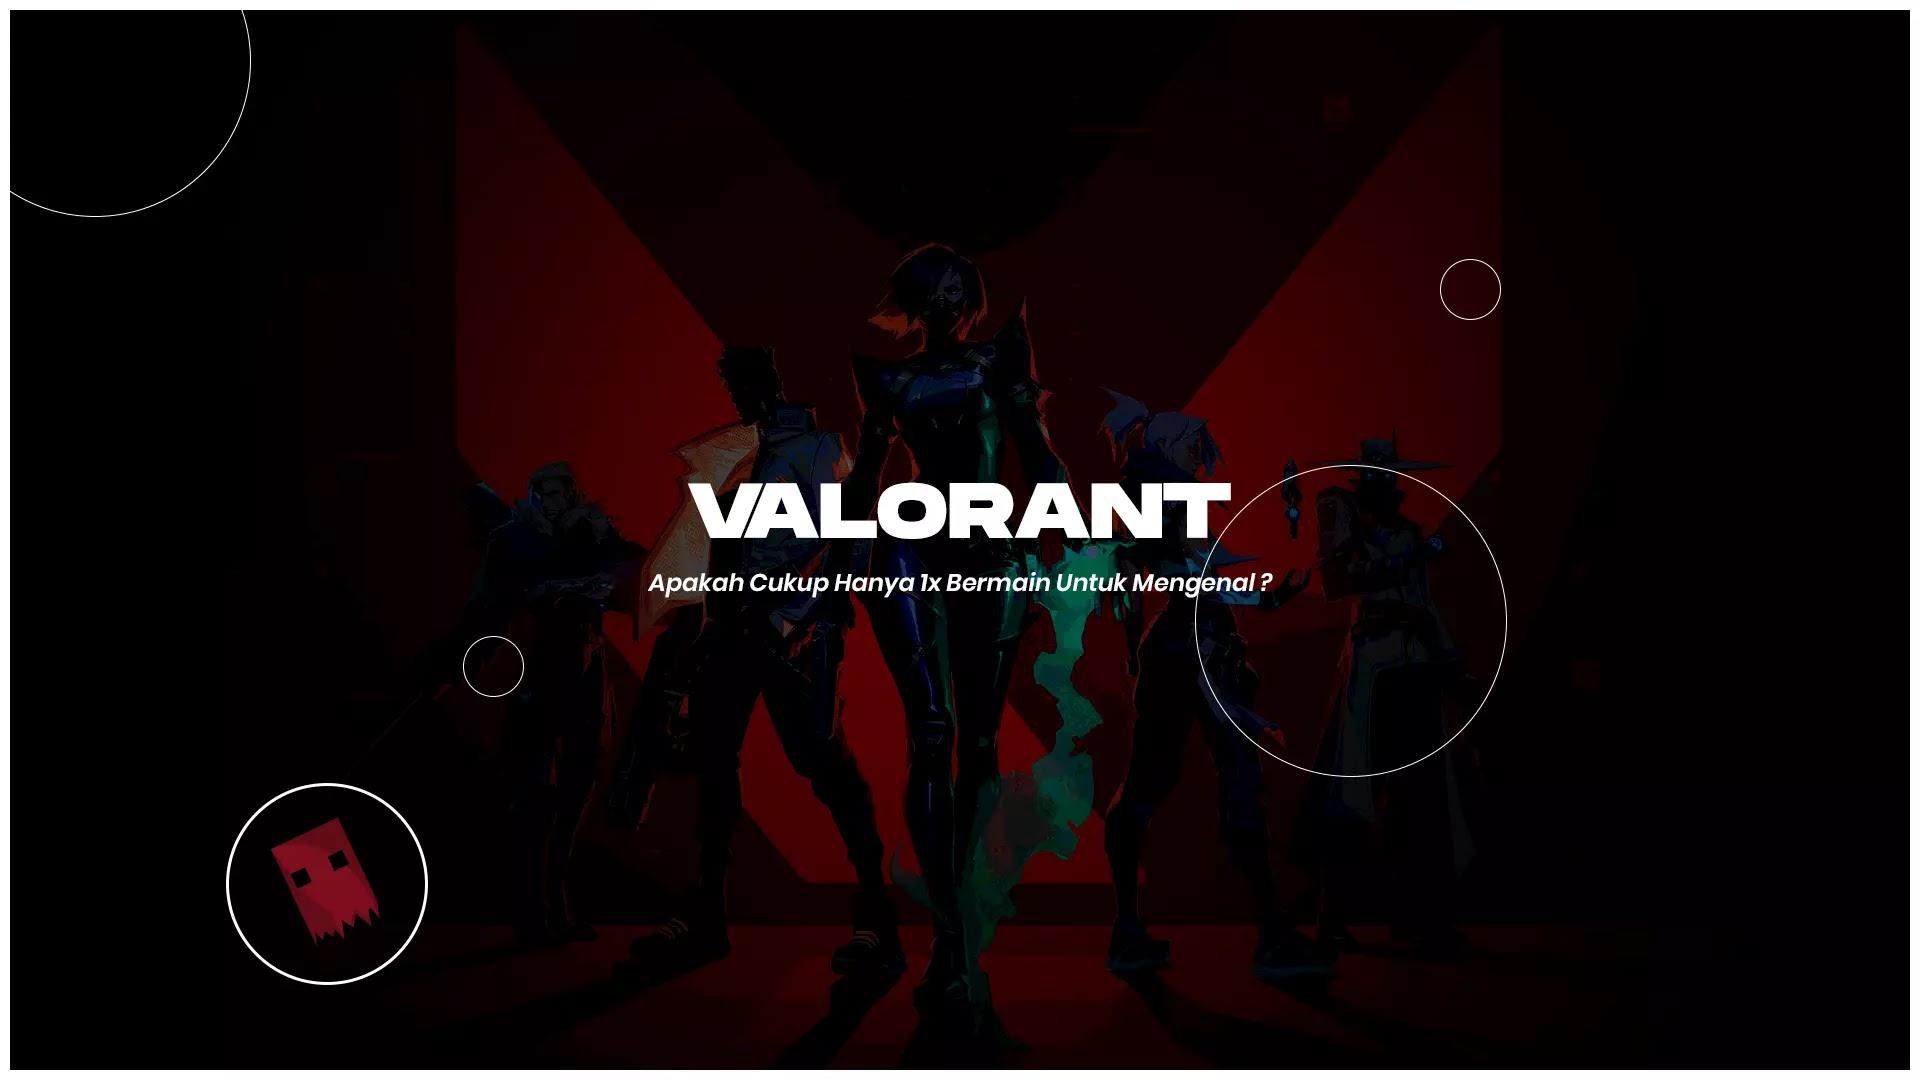 Valorant – Apakah Cukup Hanya 1x Bermain Untuk Mengenal ?